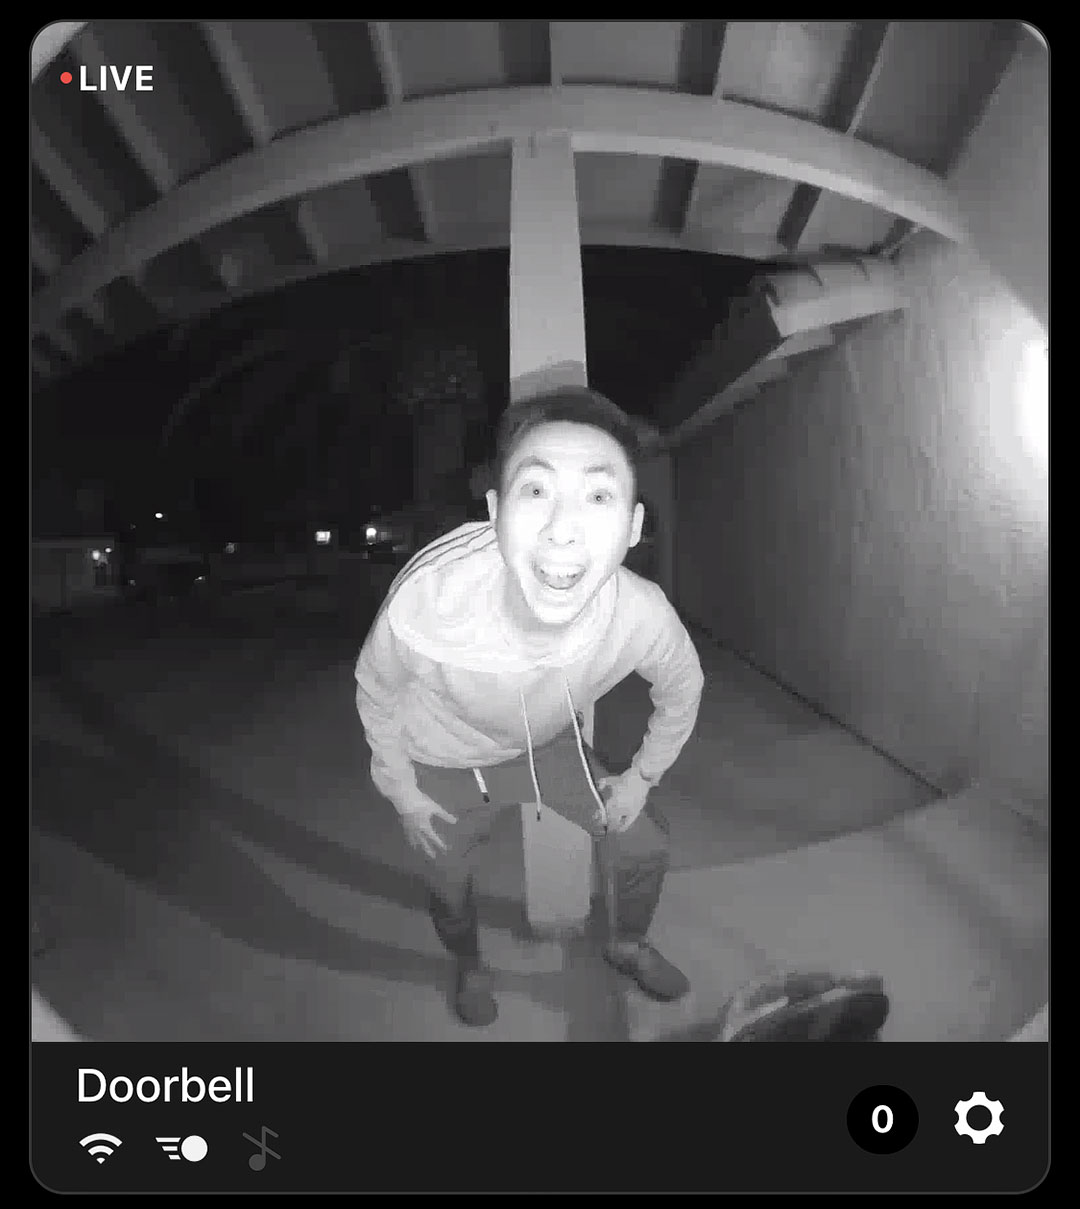 Arlo Doorbell